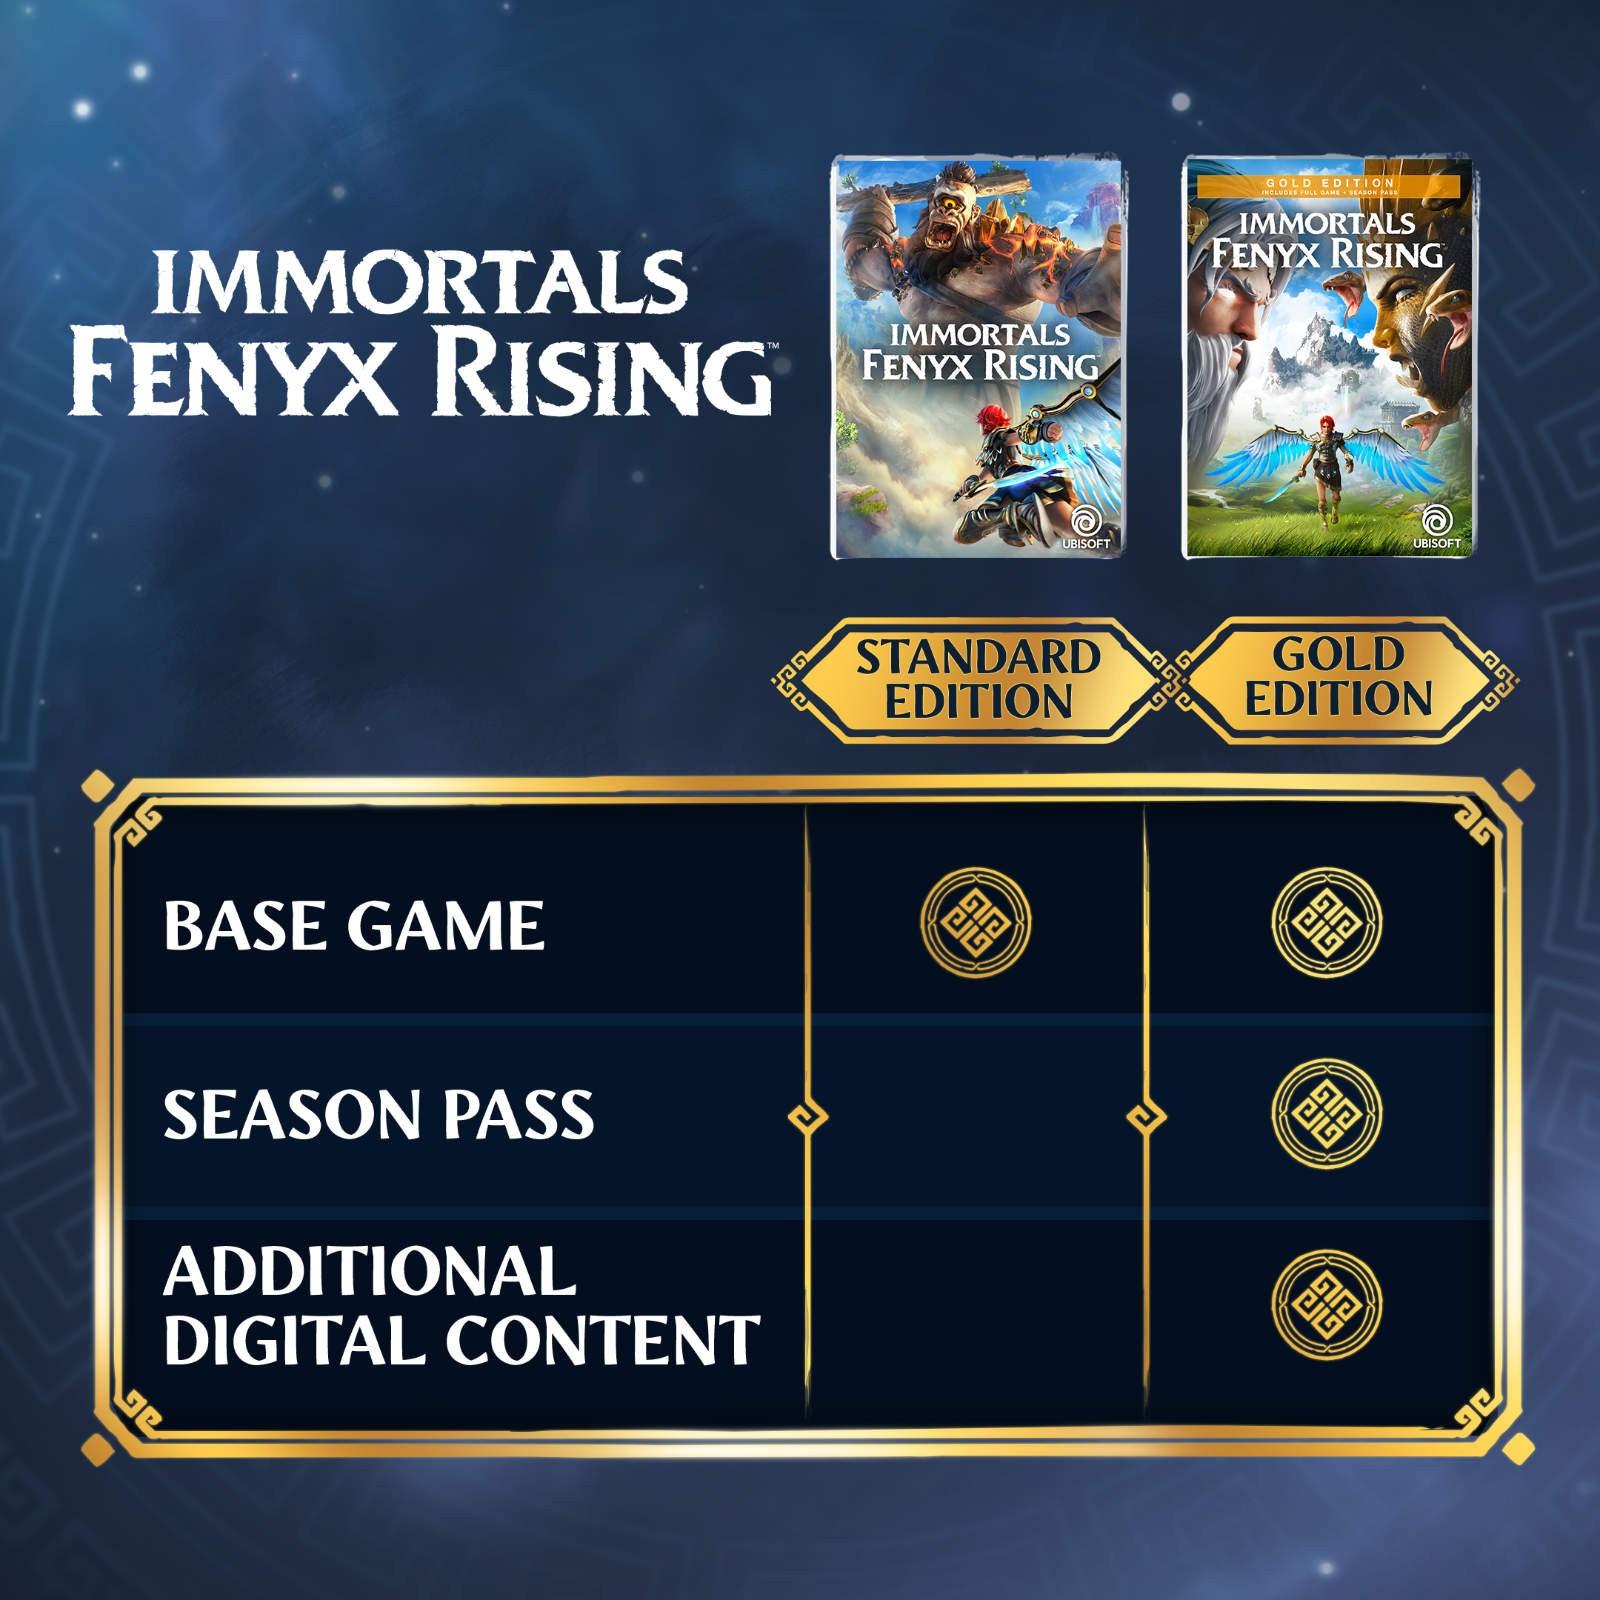 Porównanie edycji gry Immortals Fenyx Rising